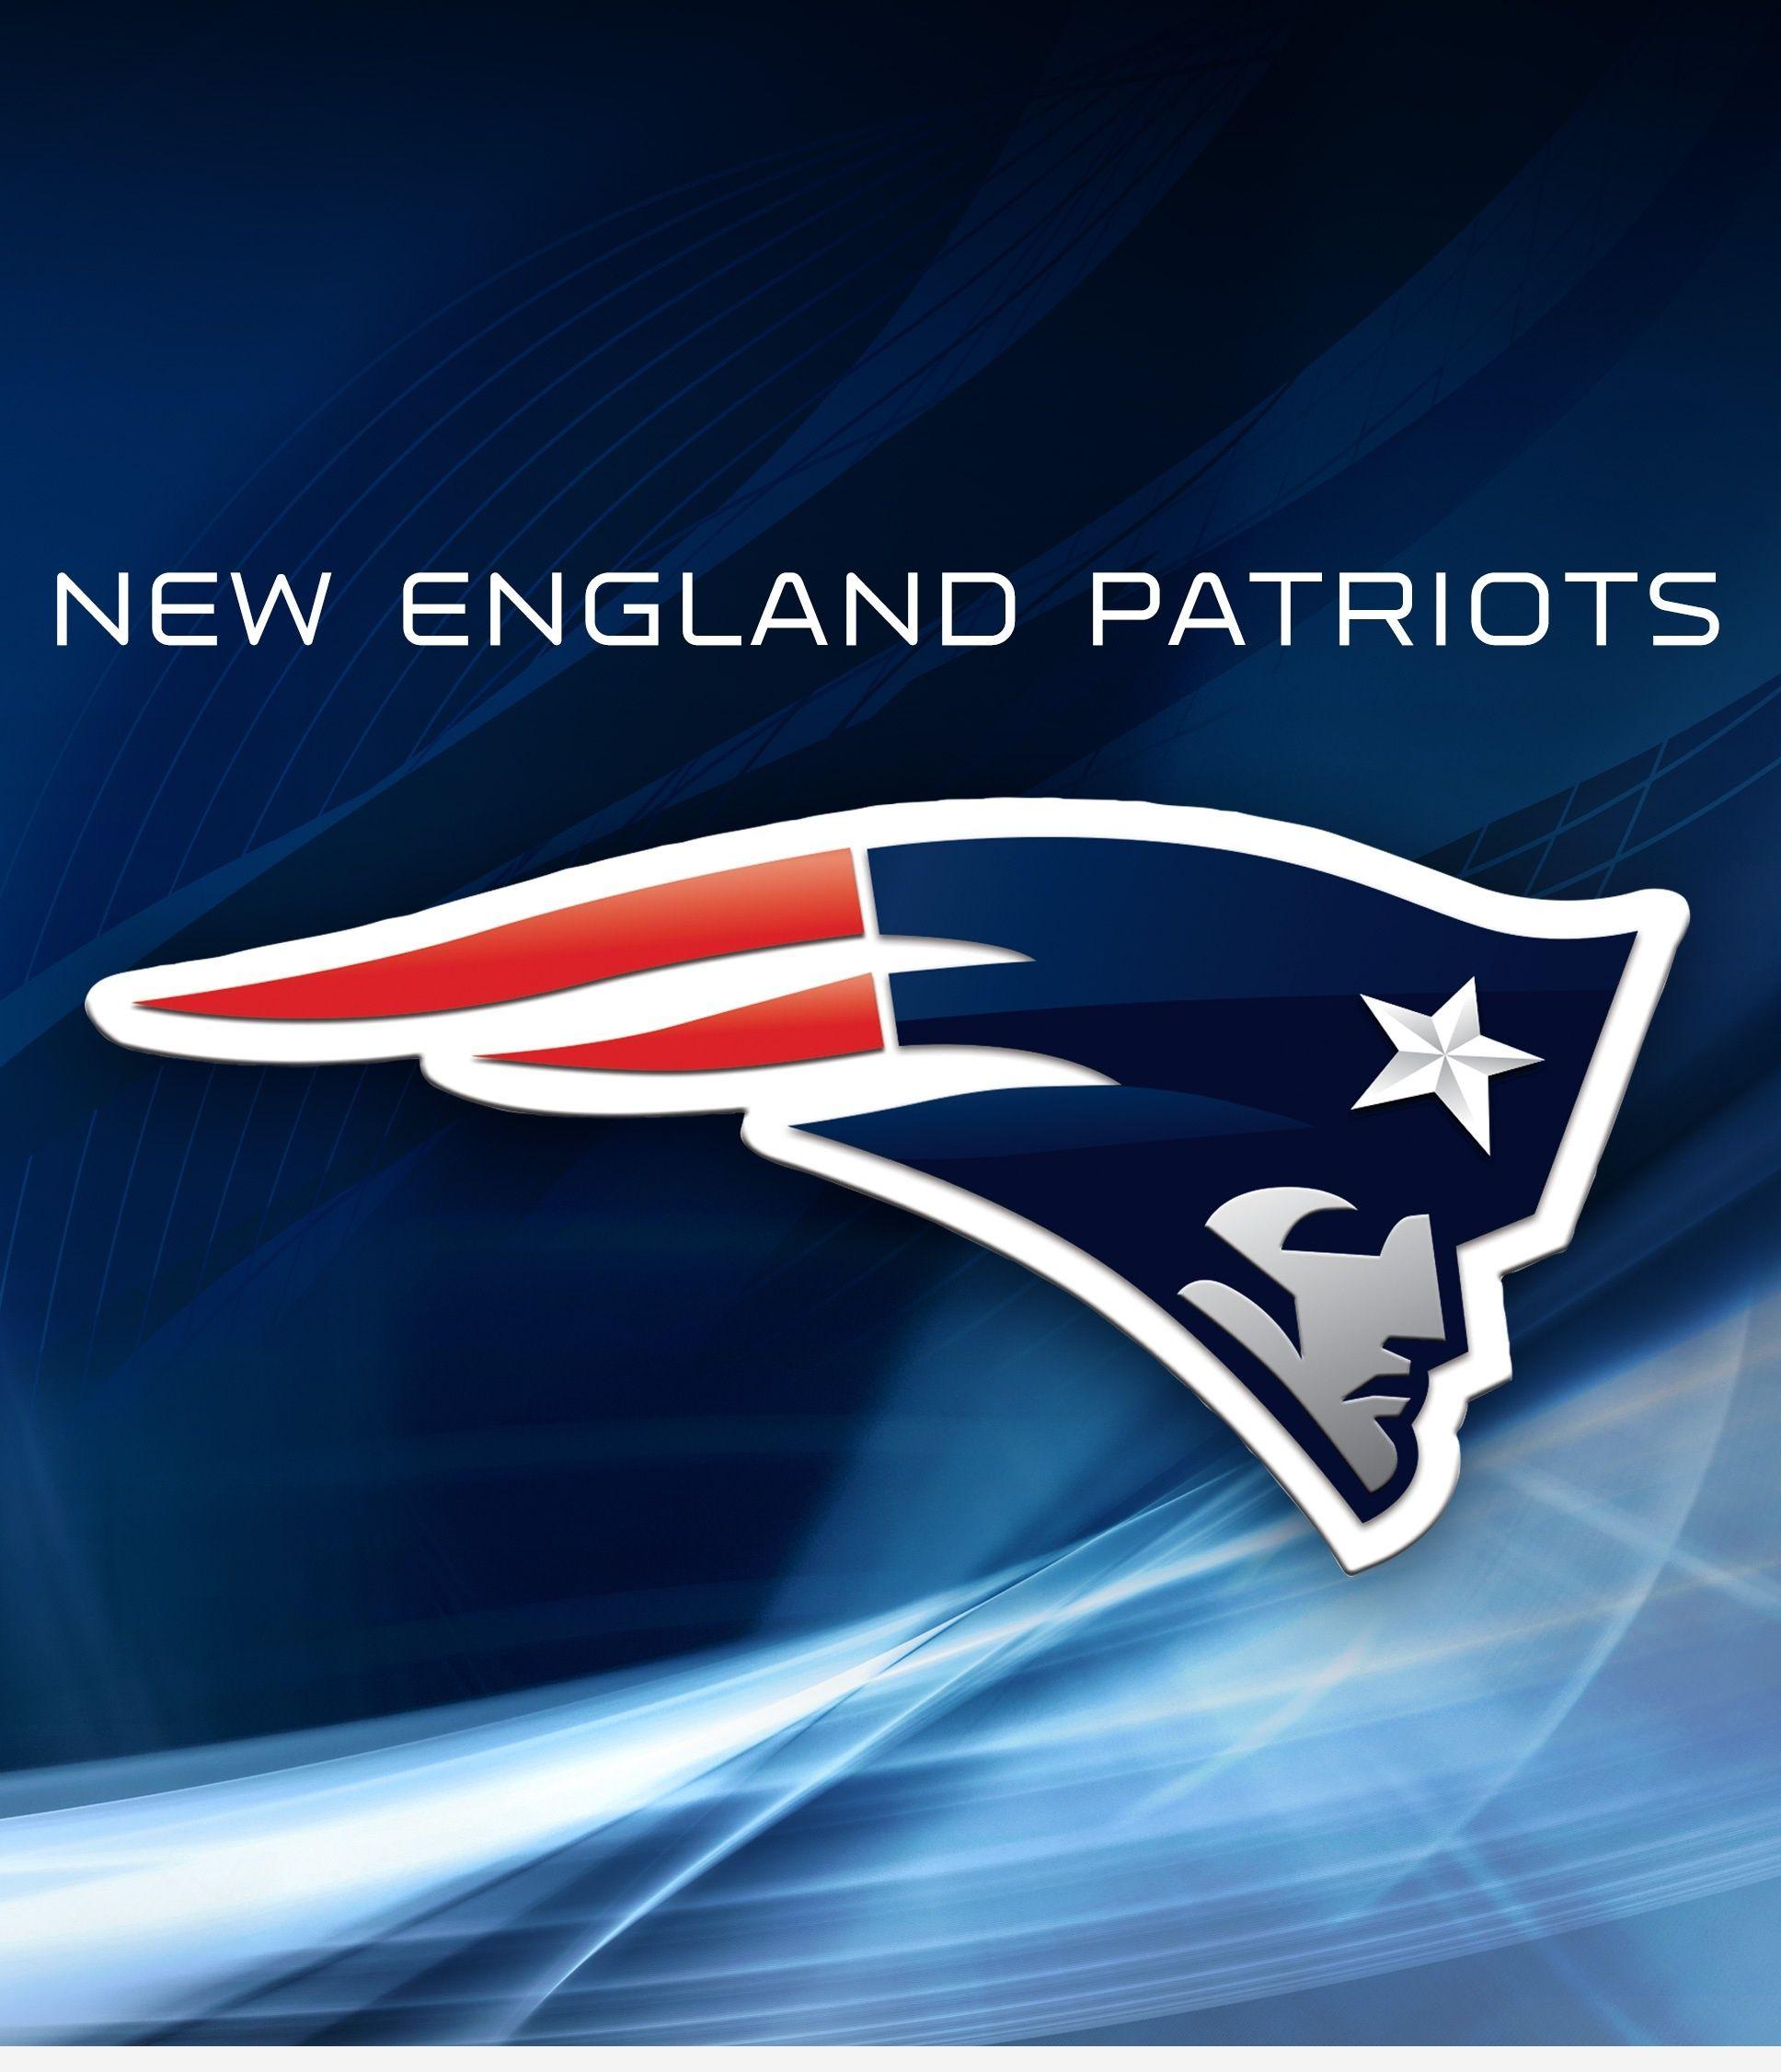 Patriots Cell Phone Wallpaper Http Desktopwallpaper Info Patriots Cell Phone New England Patriots Wallpaper New England Patriots New England Patriots Logo